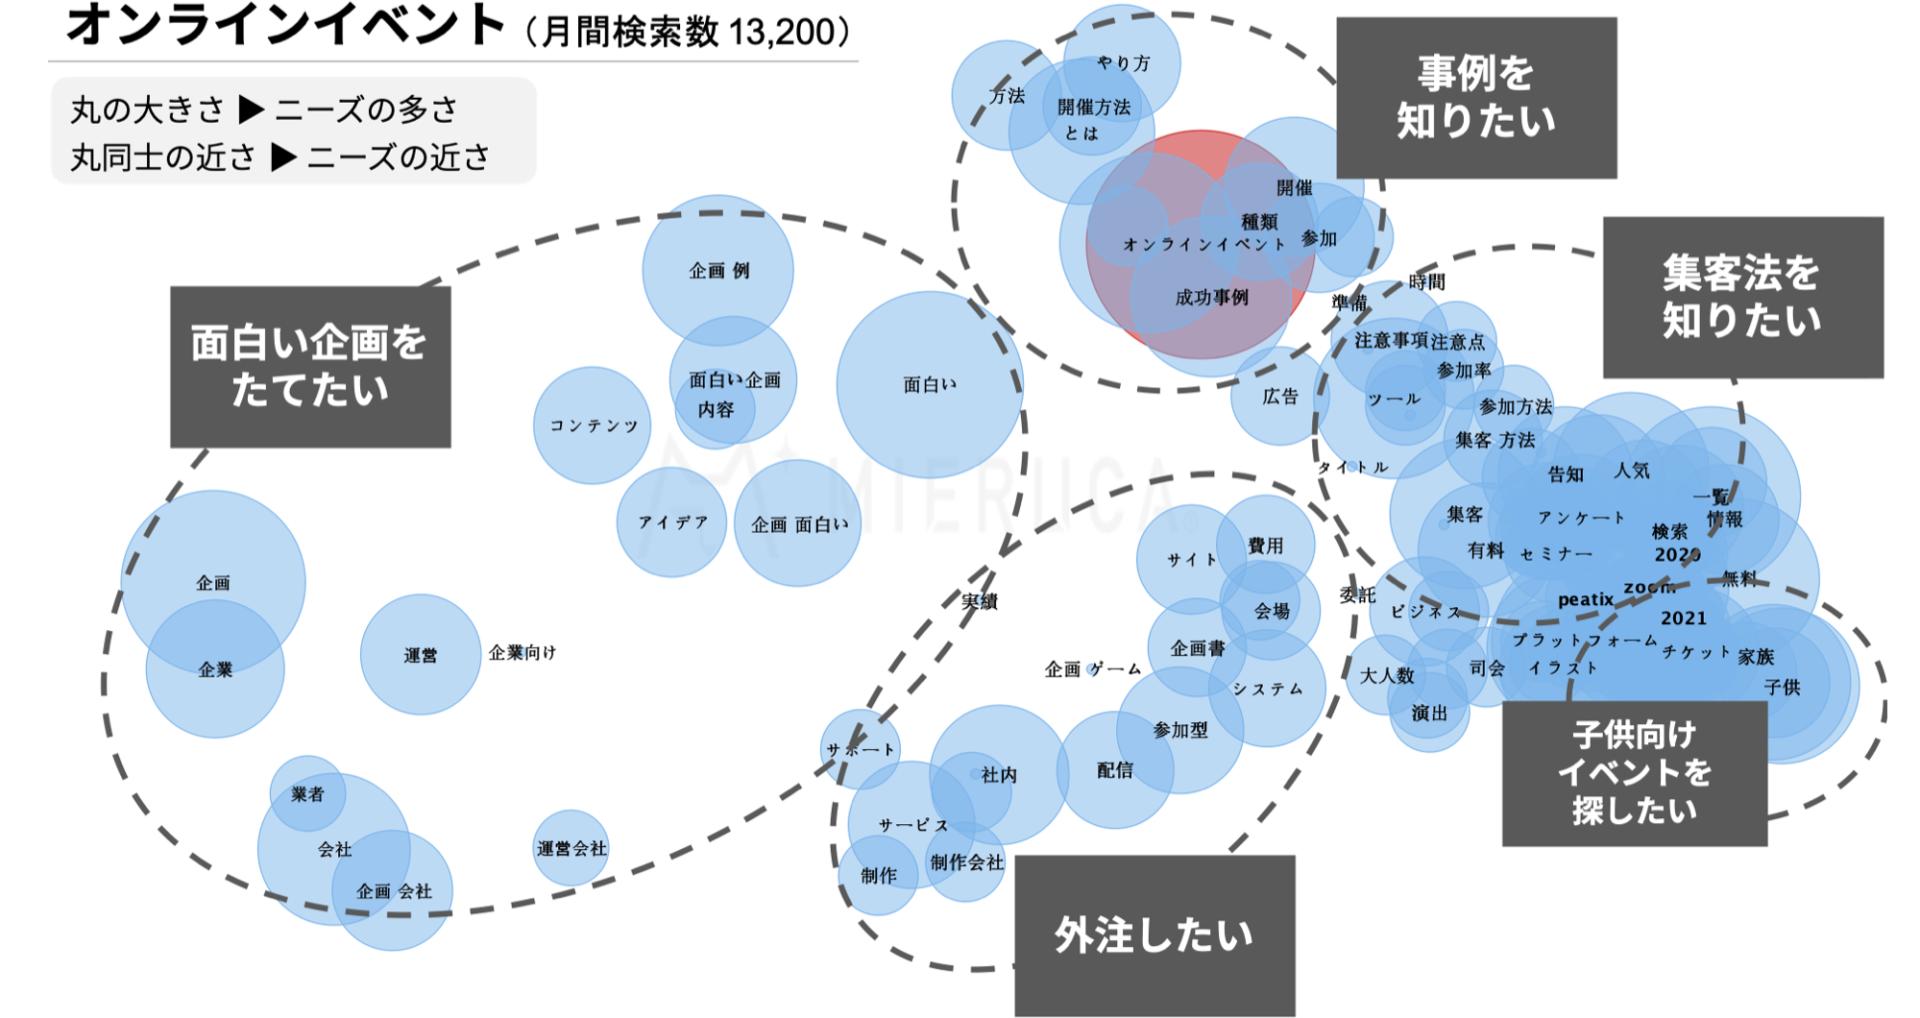 日本コンベンションサービスのコンテンツ制作